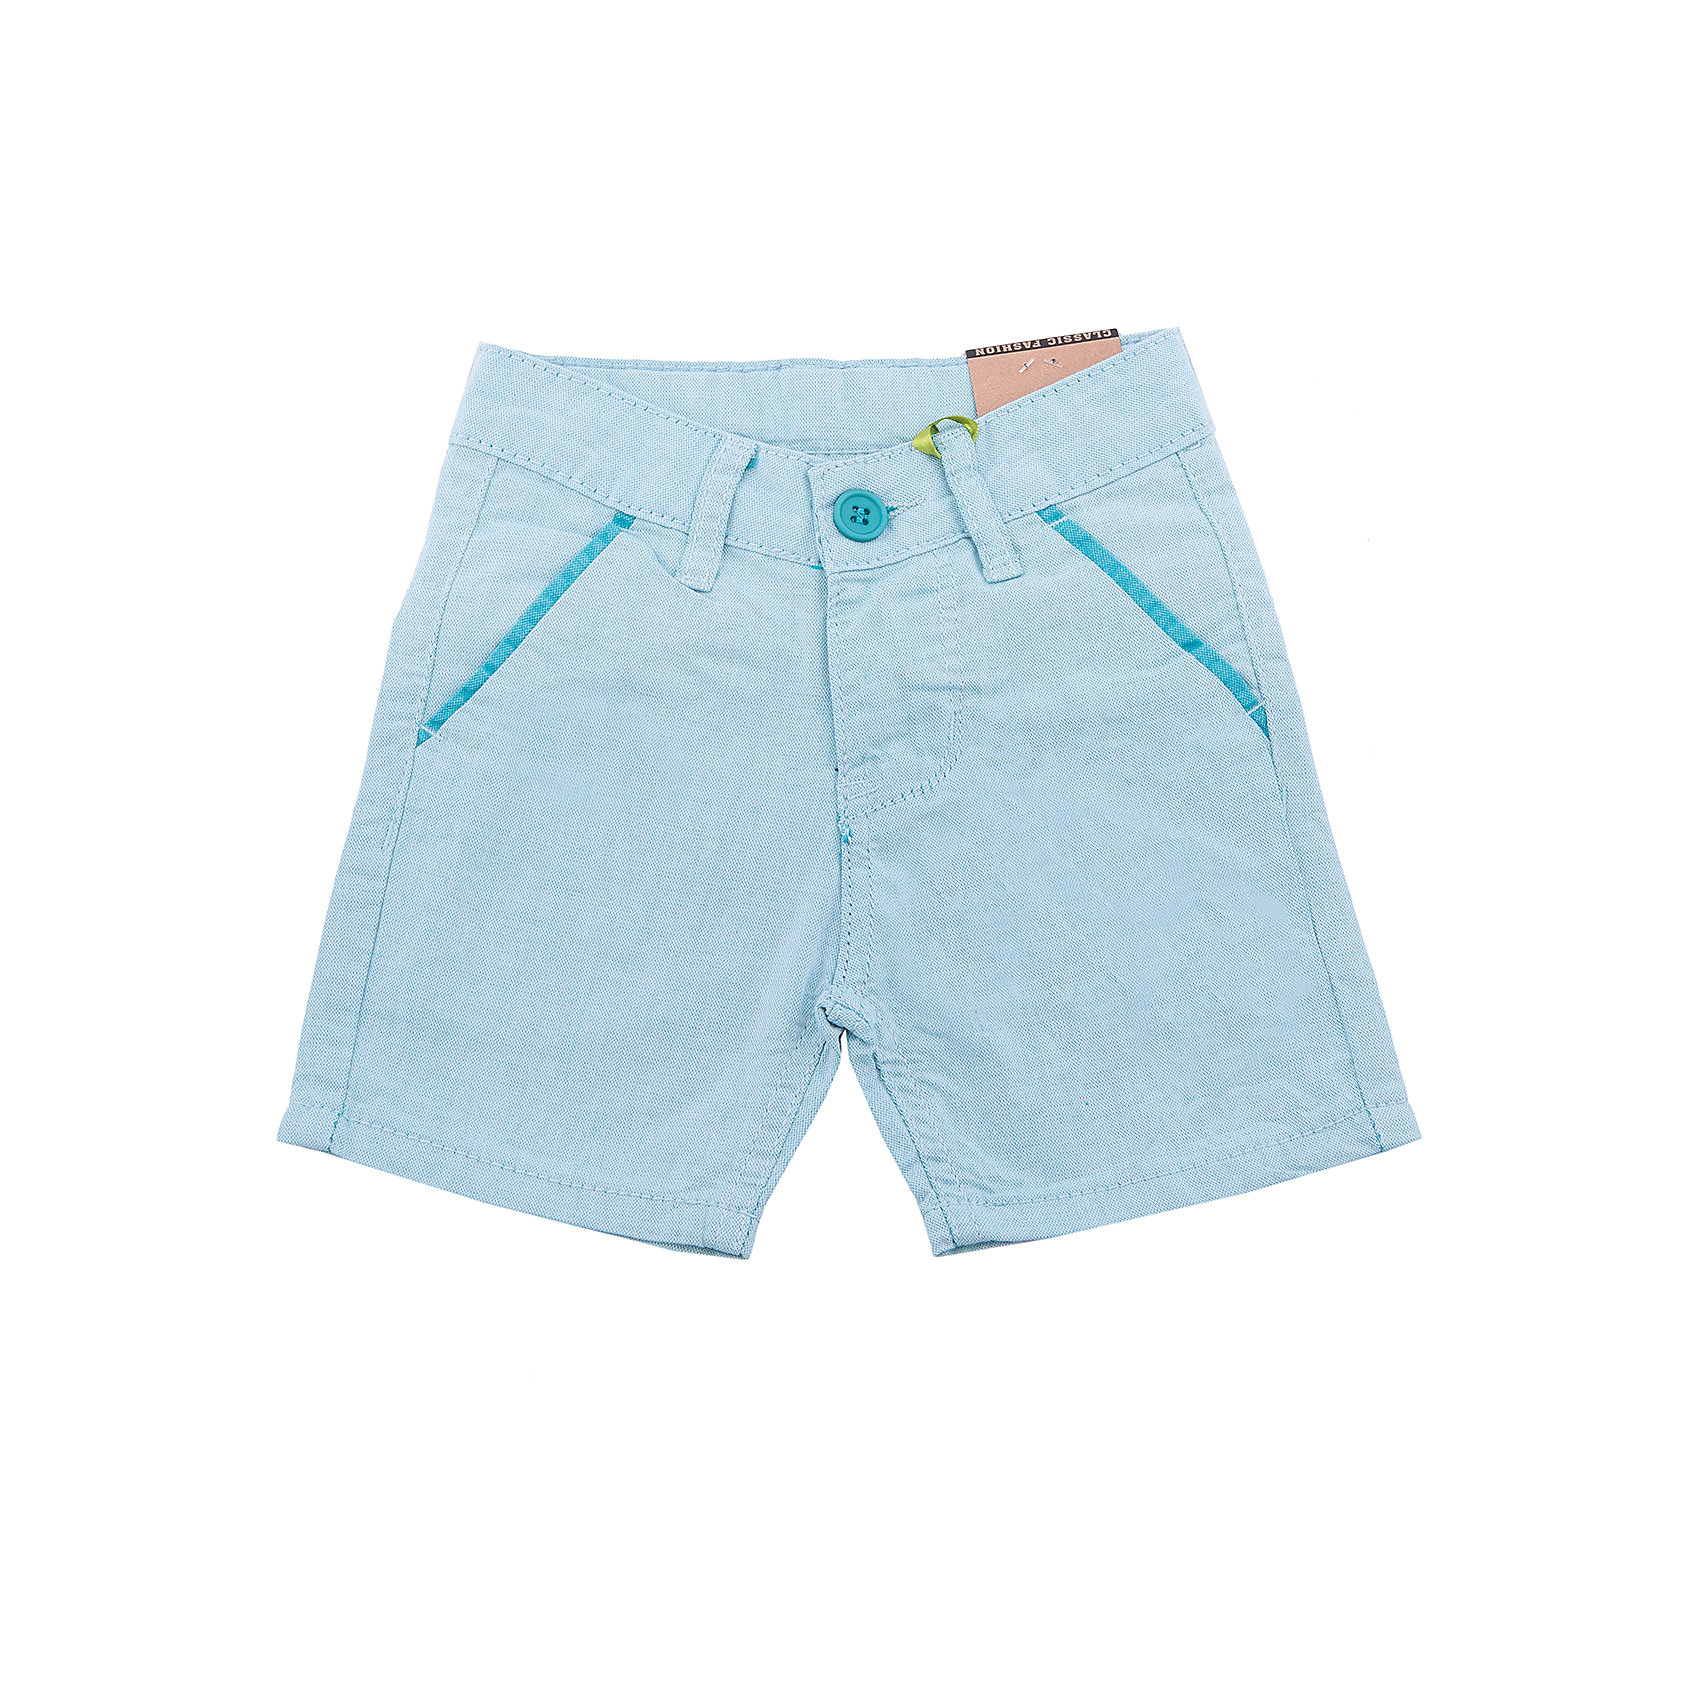 Шорты джинсовые для мальчика Sweet BerryШорты и бриджи<br>Текстильные шорты для мальчика. Карманы по бокам. Застегиваются на молнию и пуговицу. пояс с регулировкой внутренней резинкой<br>Состав:<br>100%хлопок<br><br>Ширина мм: 191<br>Глубина мм: 10<br>Высота мм: 175<br>Вес г: 273<br>Цвет: голубой<br>Возраст от месяцев: 12<br>Возраст до месяцев: 15<br>Пол: Мужской<br>Возраст: Детский<br>Размер: 80,86,92,98<br>SKU: 5411671